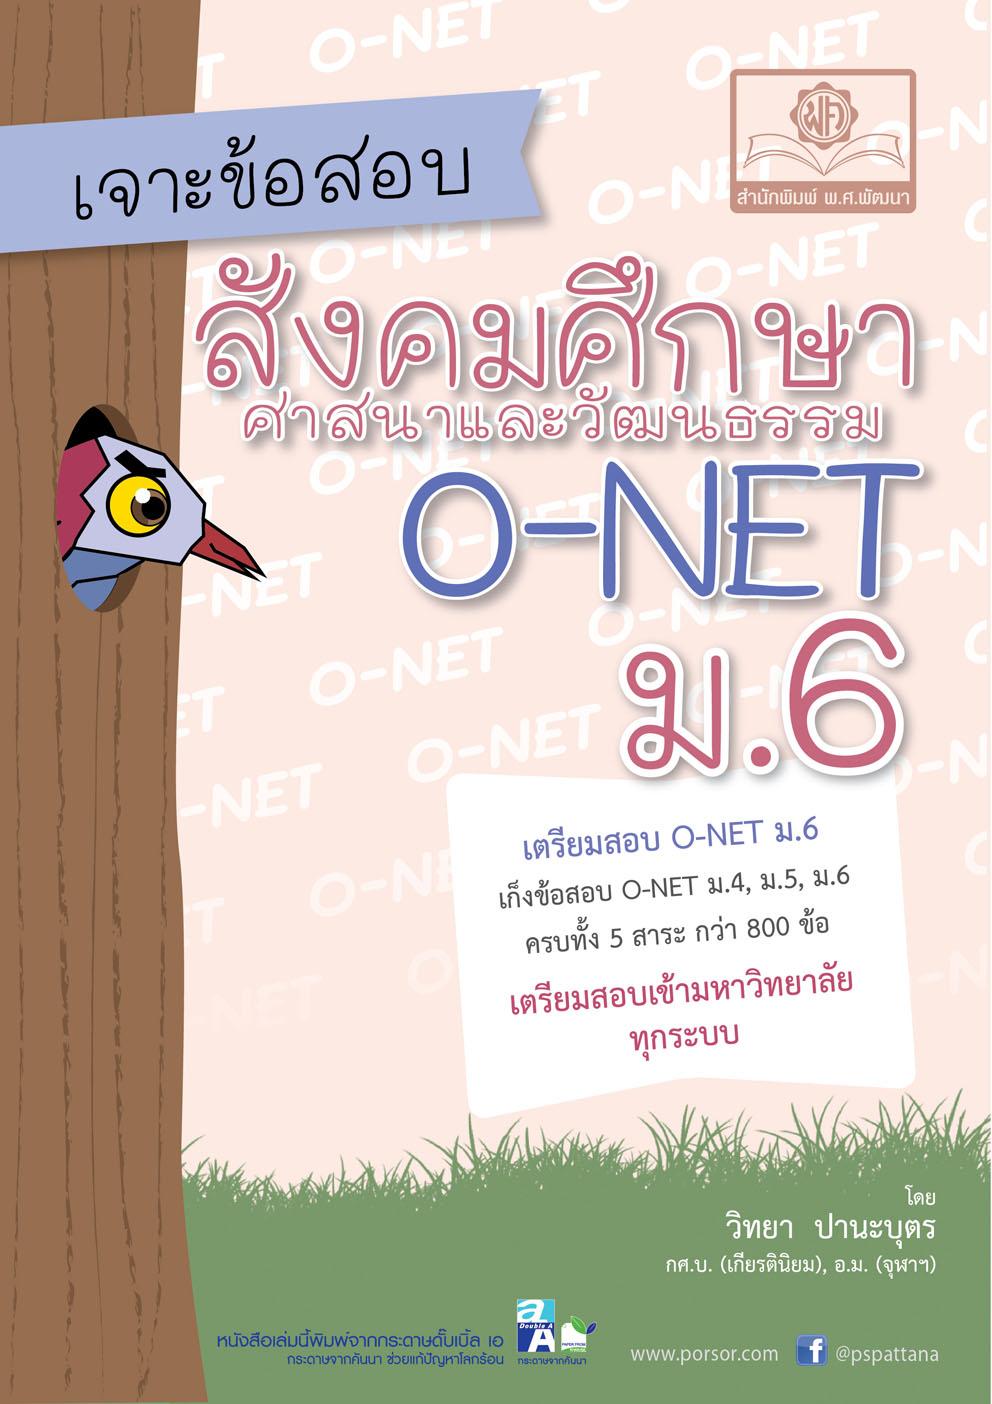 เจาะข้อสอบ สังคมศึกษา O-Net ม.6